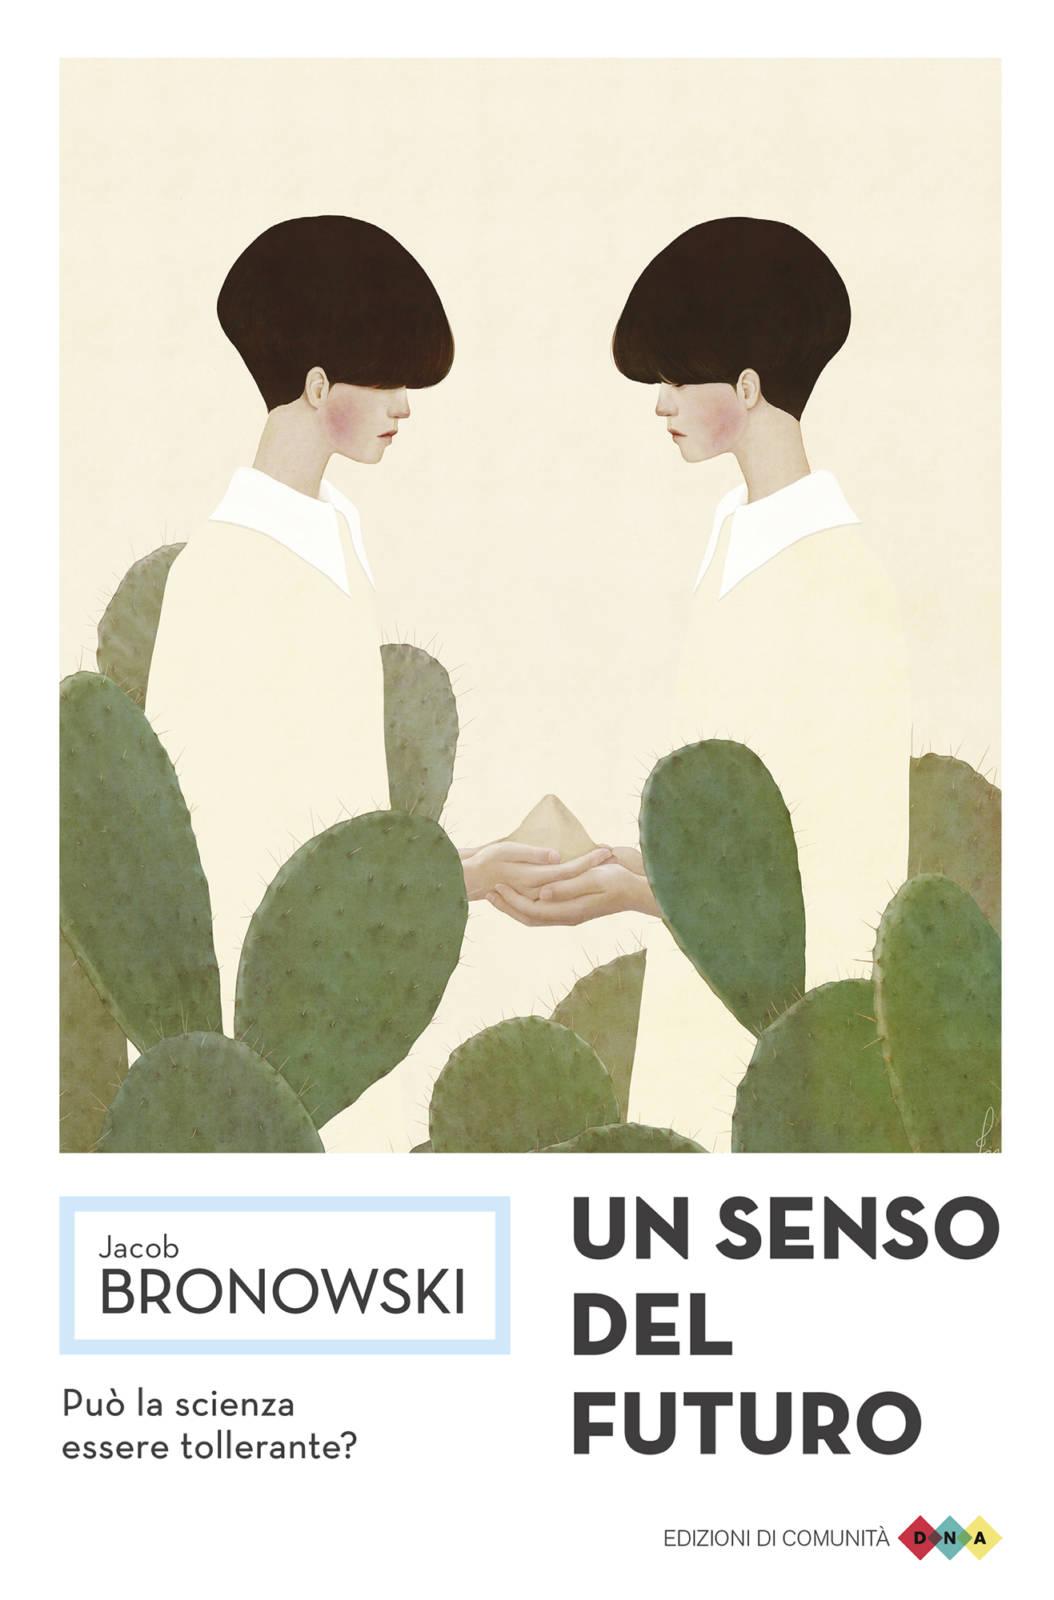 copertina_senso-del-futuro_stampa-dorso-ok-1